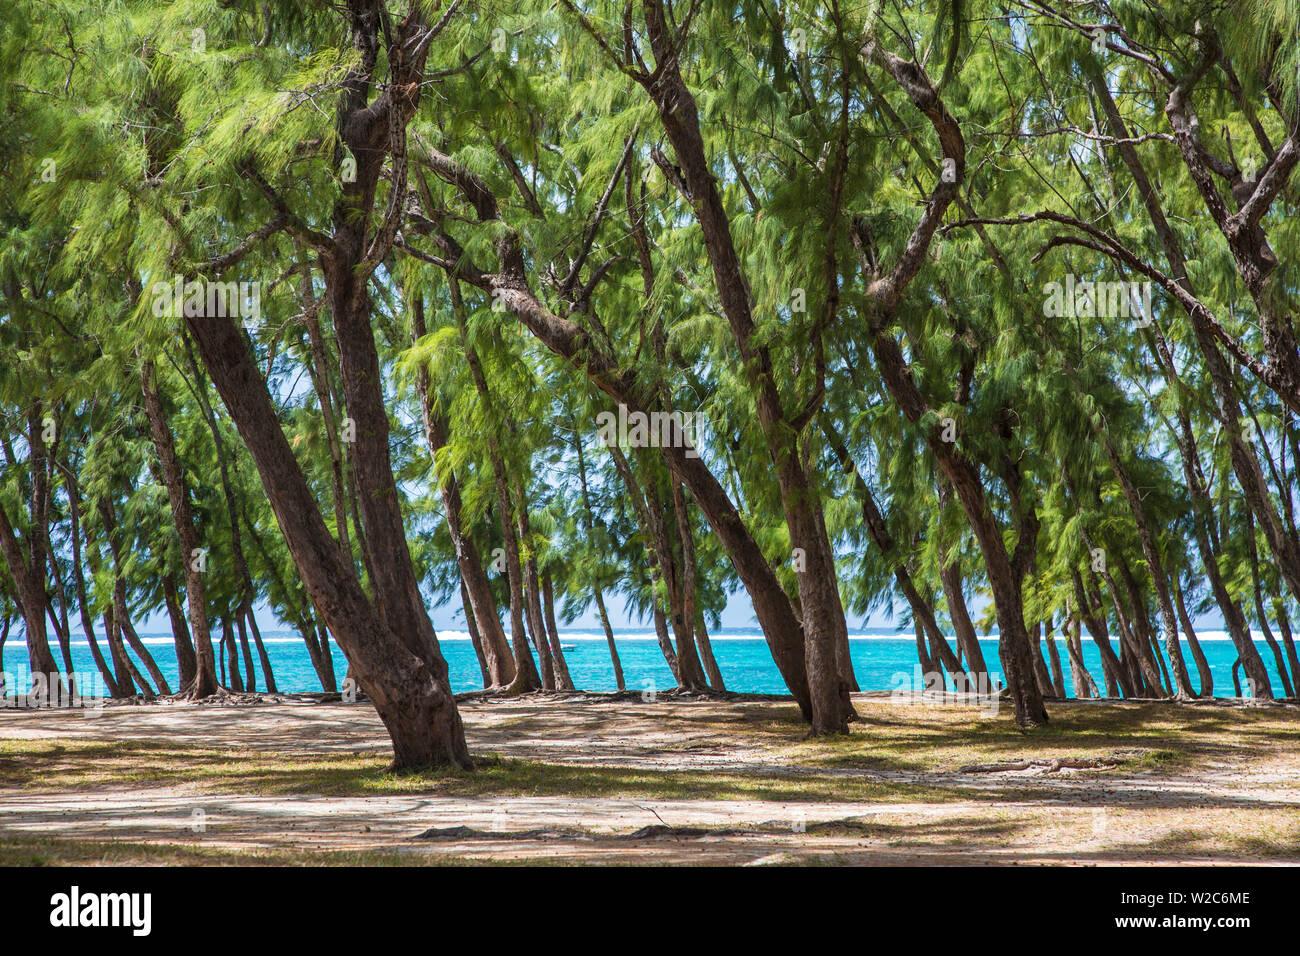 Beach and Casuarina Trees, Flacq district, East Coast, Mauritius - Stock Image